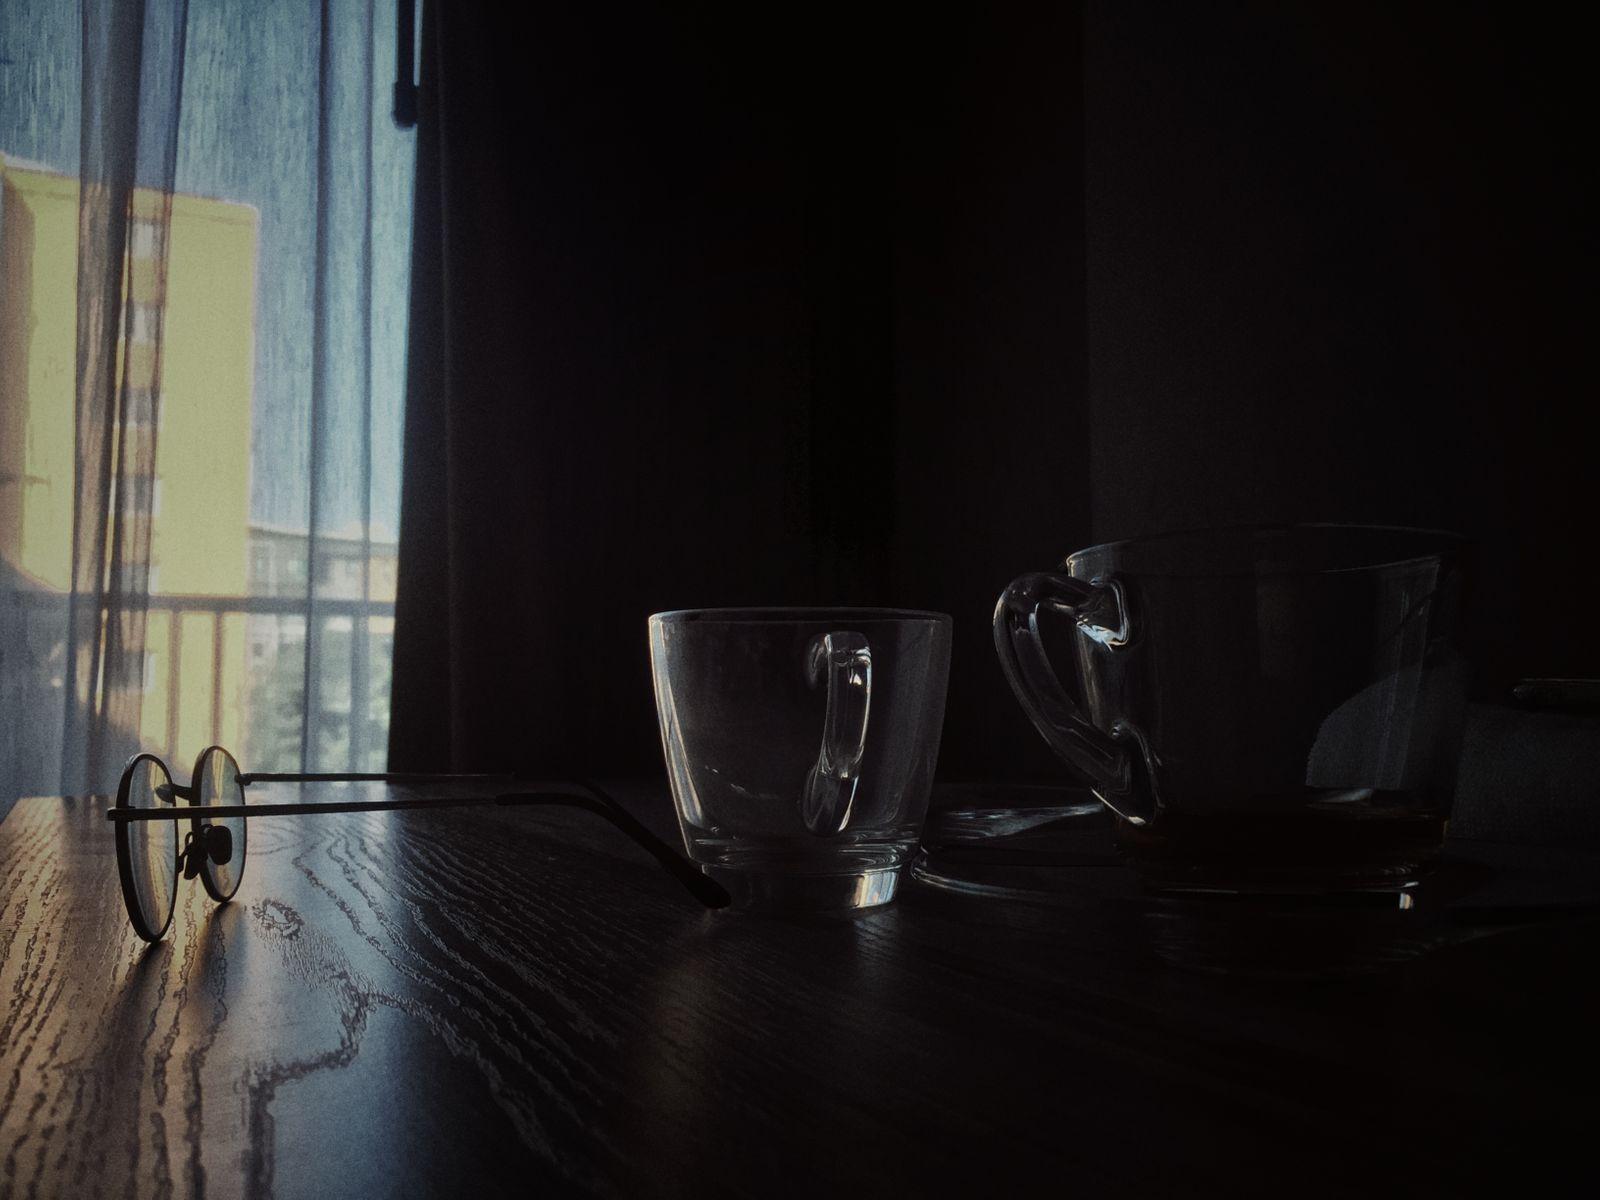 กาแฟกับชีวิต